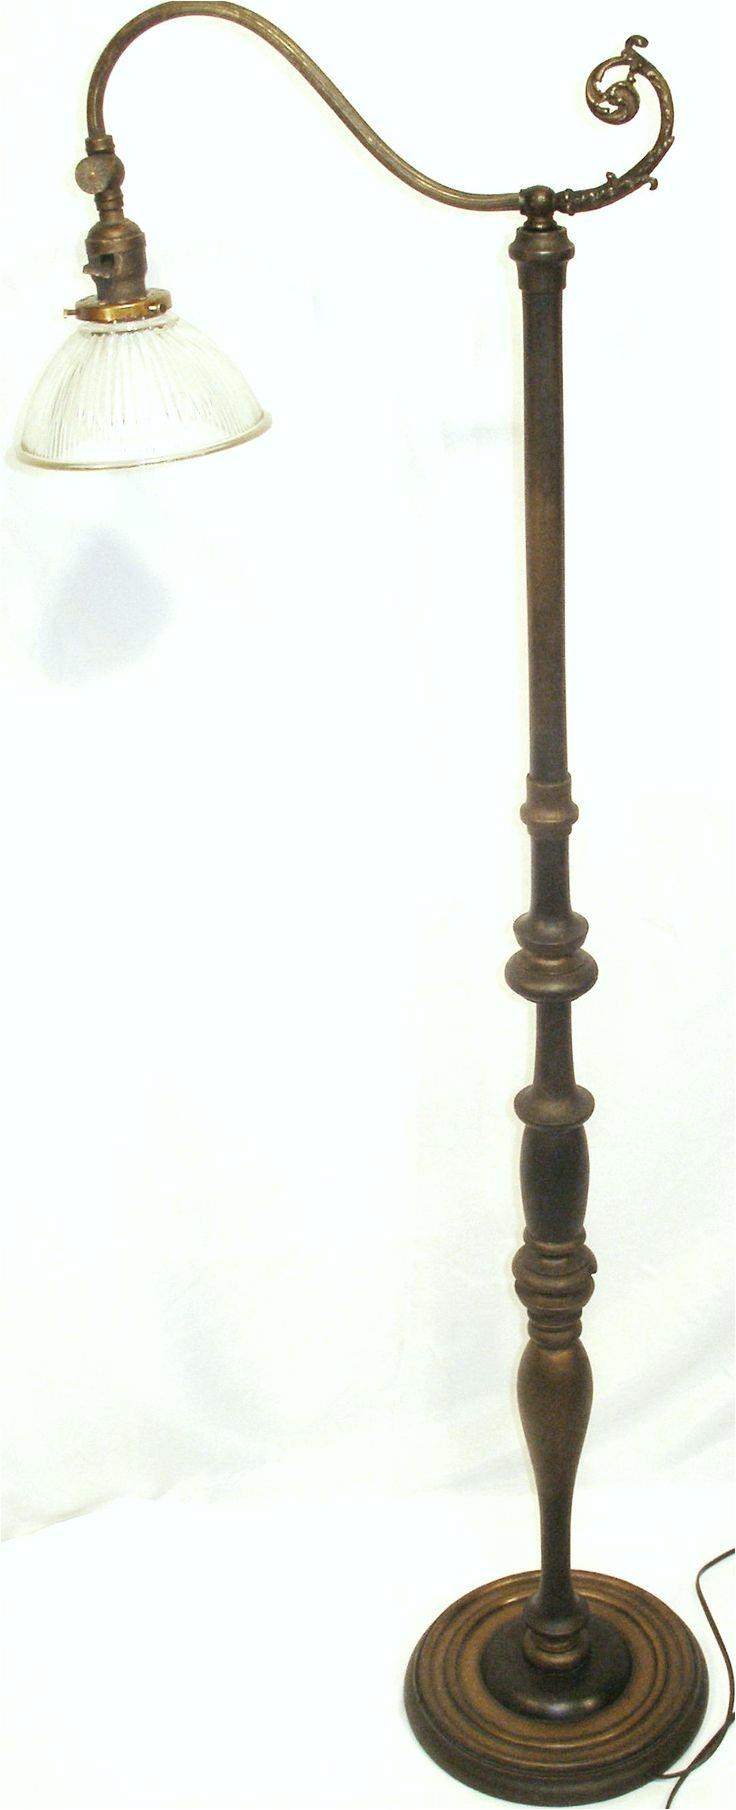 vintage brass kbb metalworks nouveau spooled wood art bridge floor lamp light floor lamp wood art and lamp light